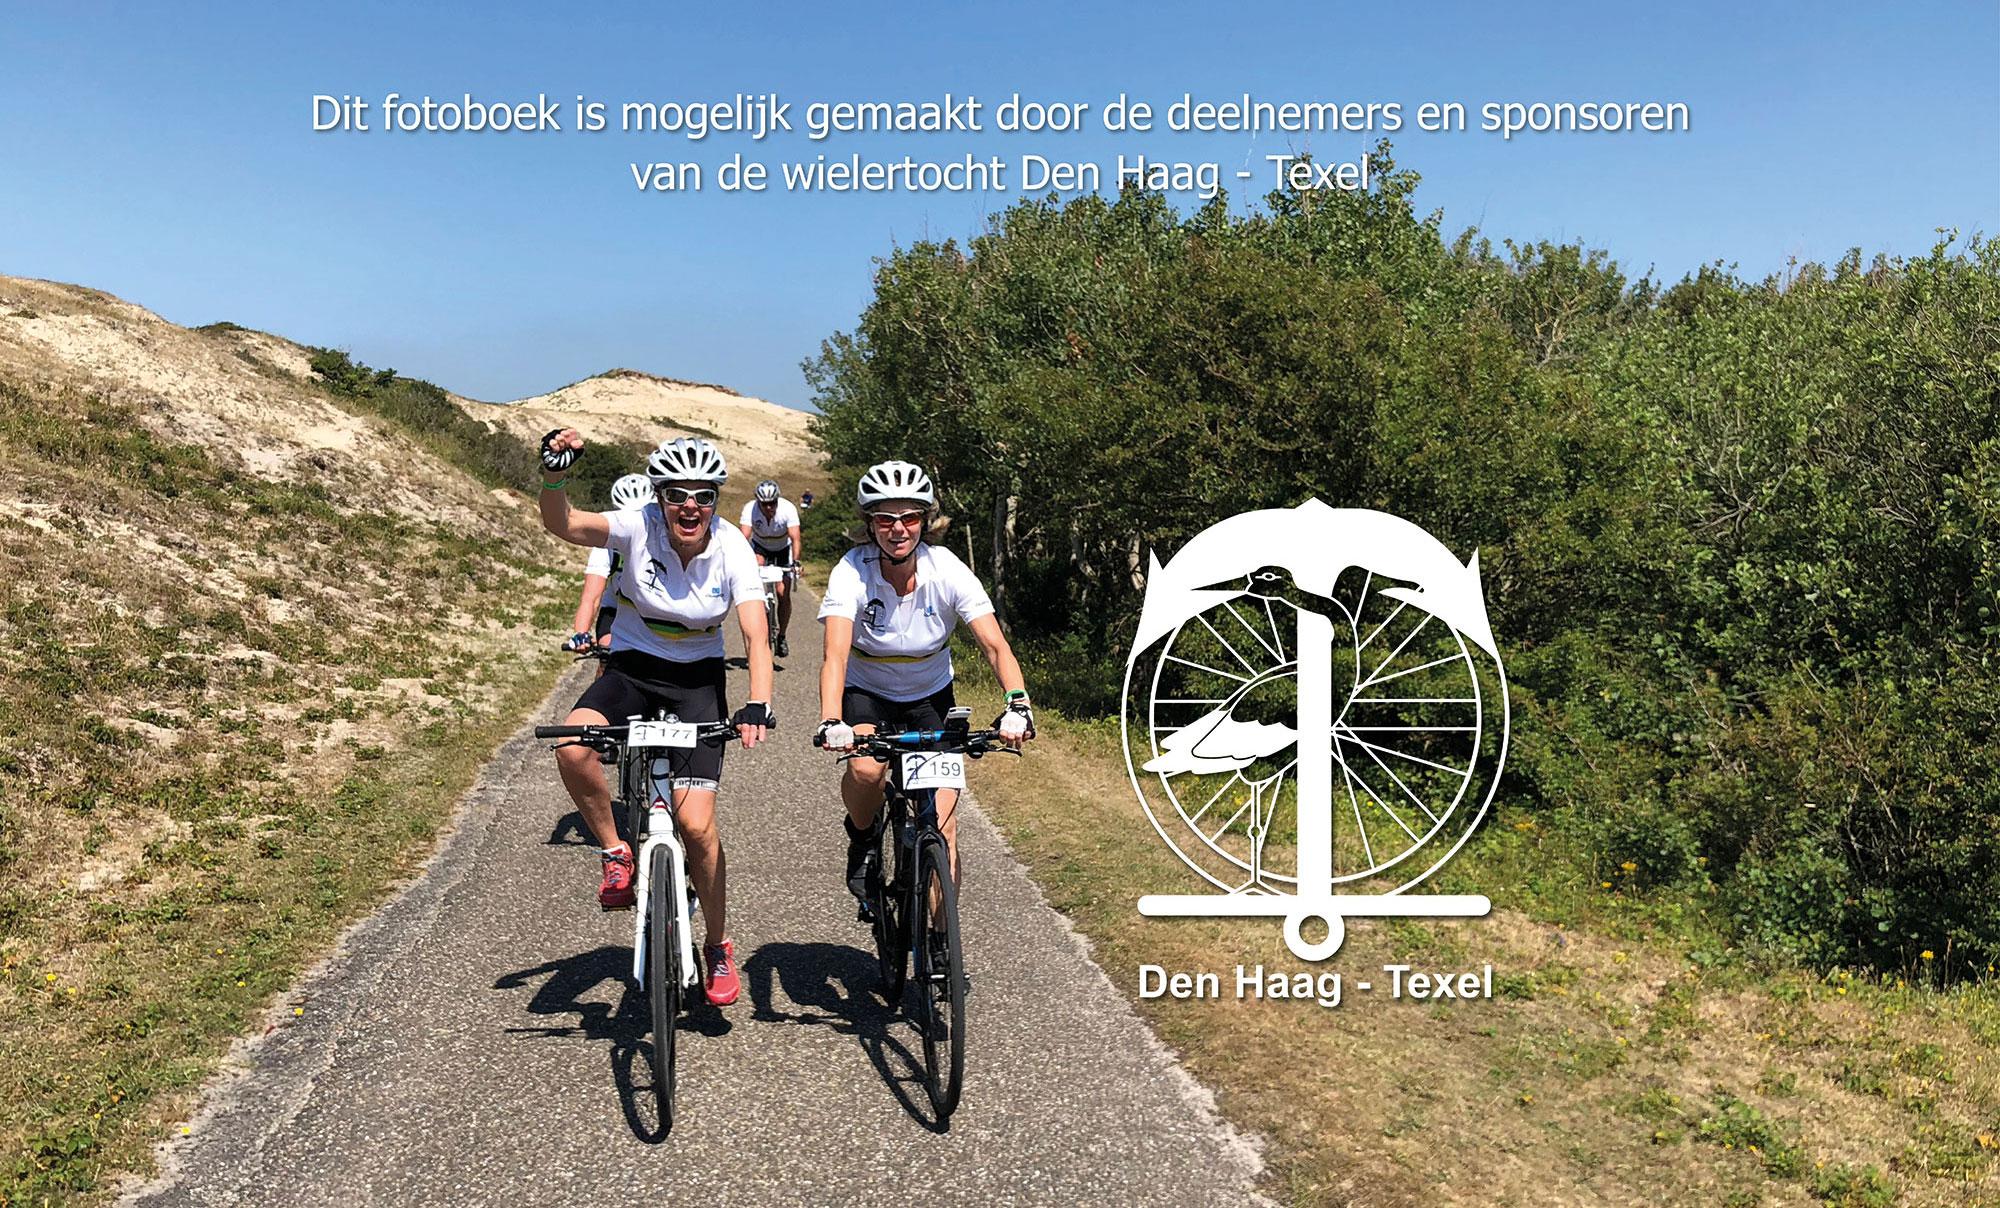 Dit fotoboek is mede mogelijk gemaakt door de deelnemers en sponsoren van de wielertocht Den Haag - Texel